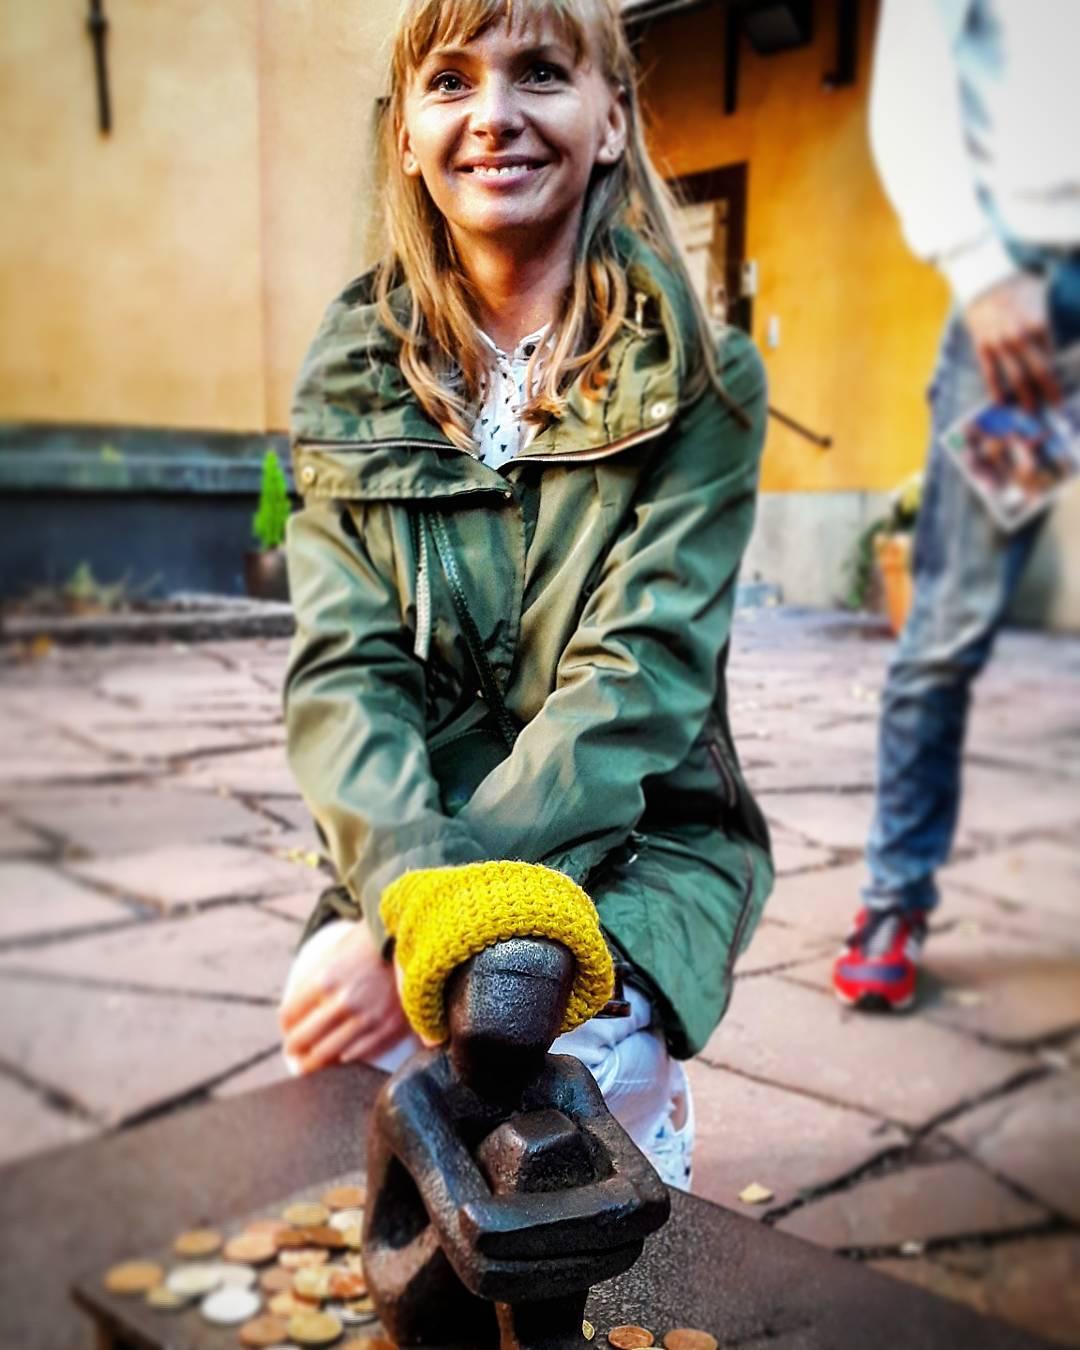 девушка связала шапочку железному мальчику в Стогольме